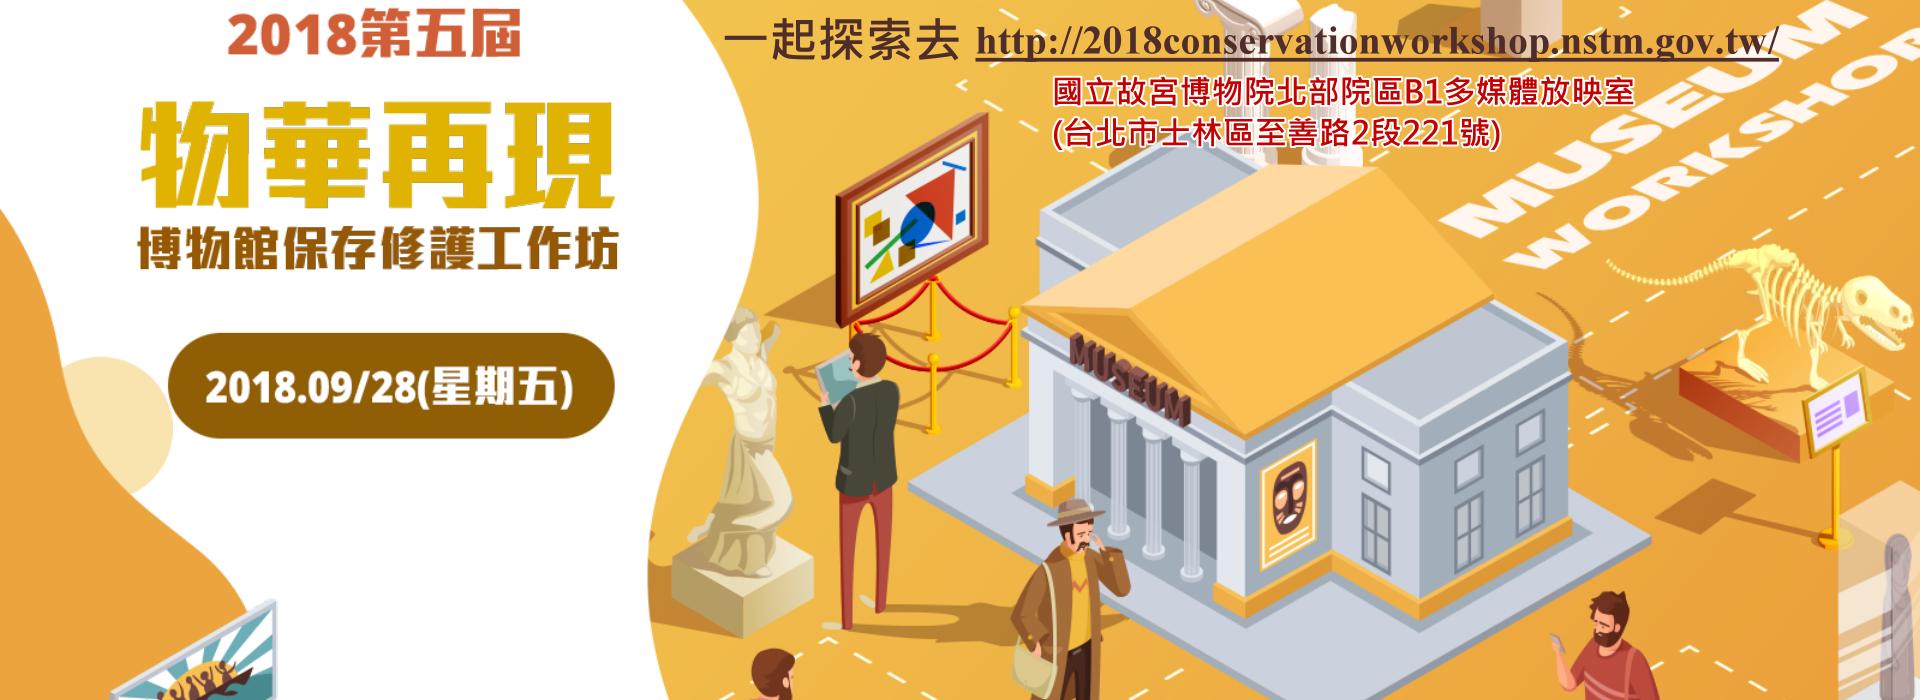 2018第五屆物華再現博物館保存修護工作坊(另開新視窗)